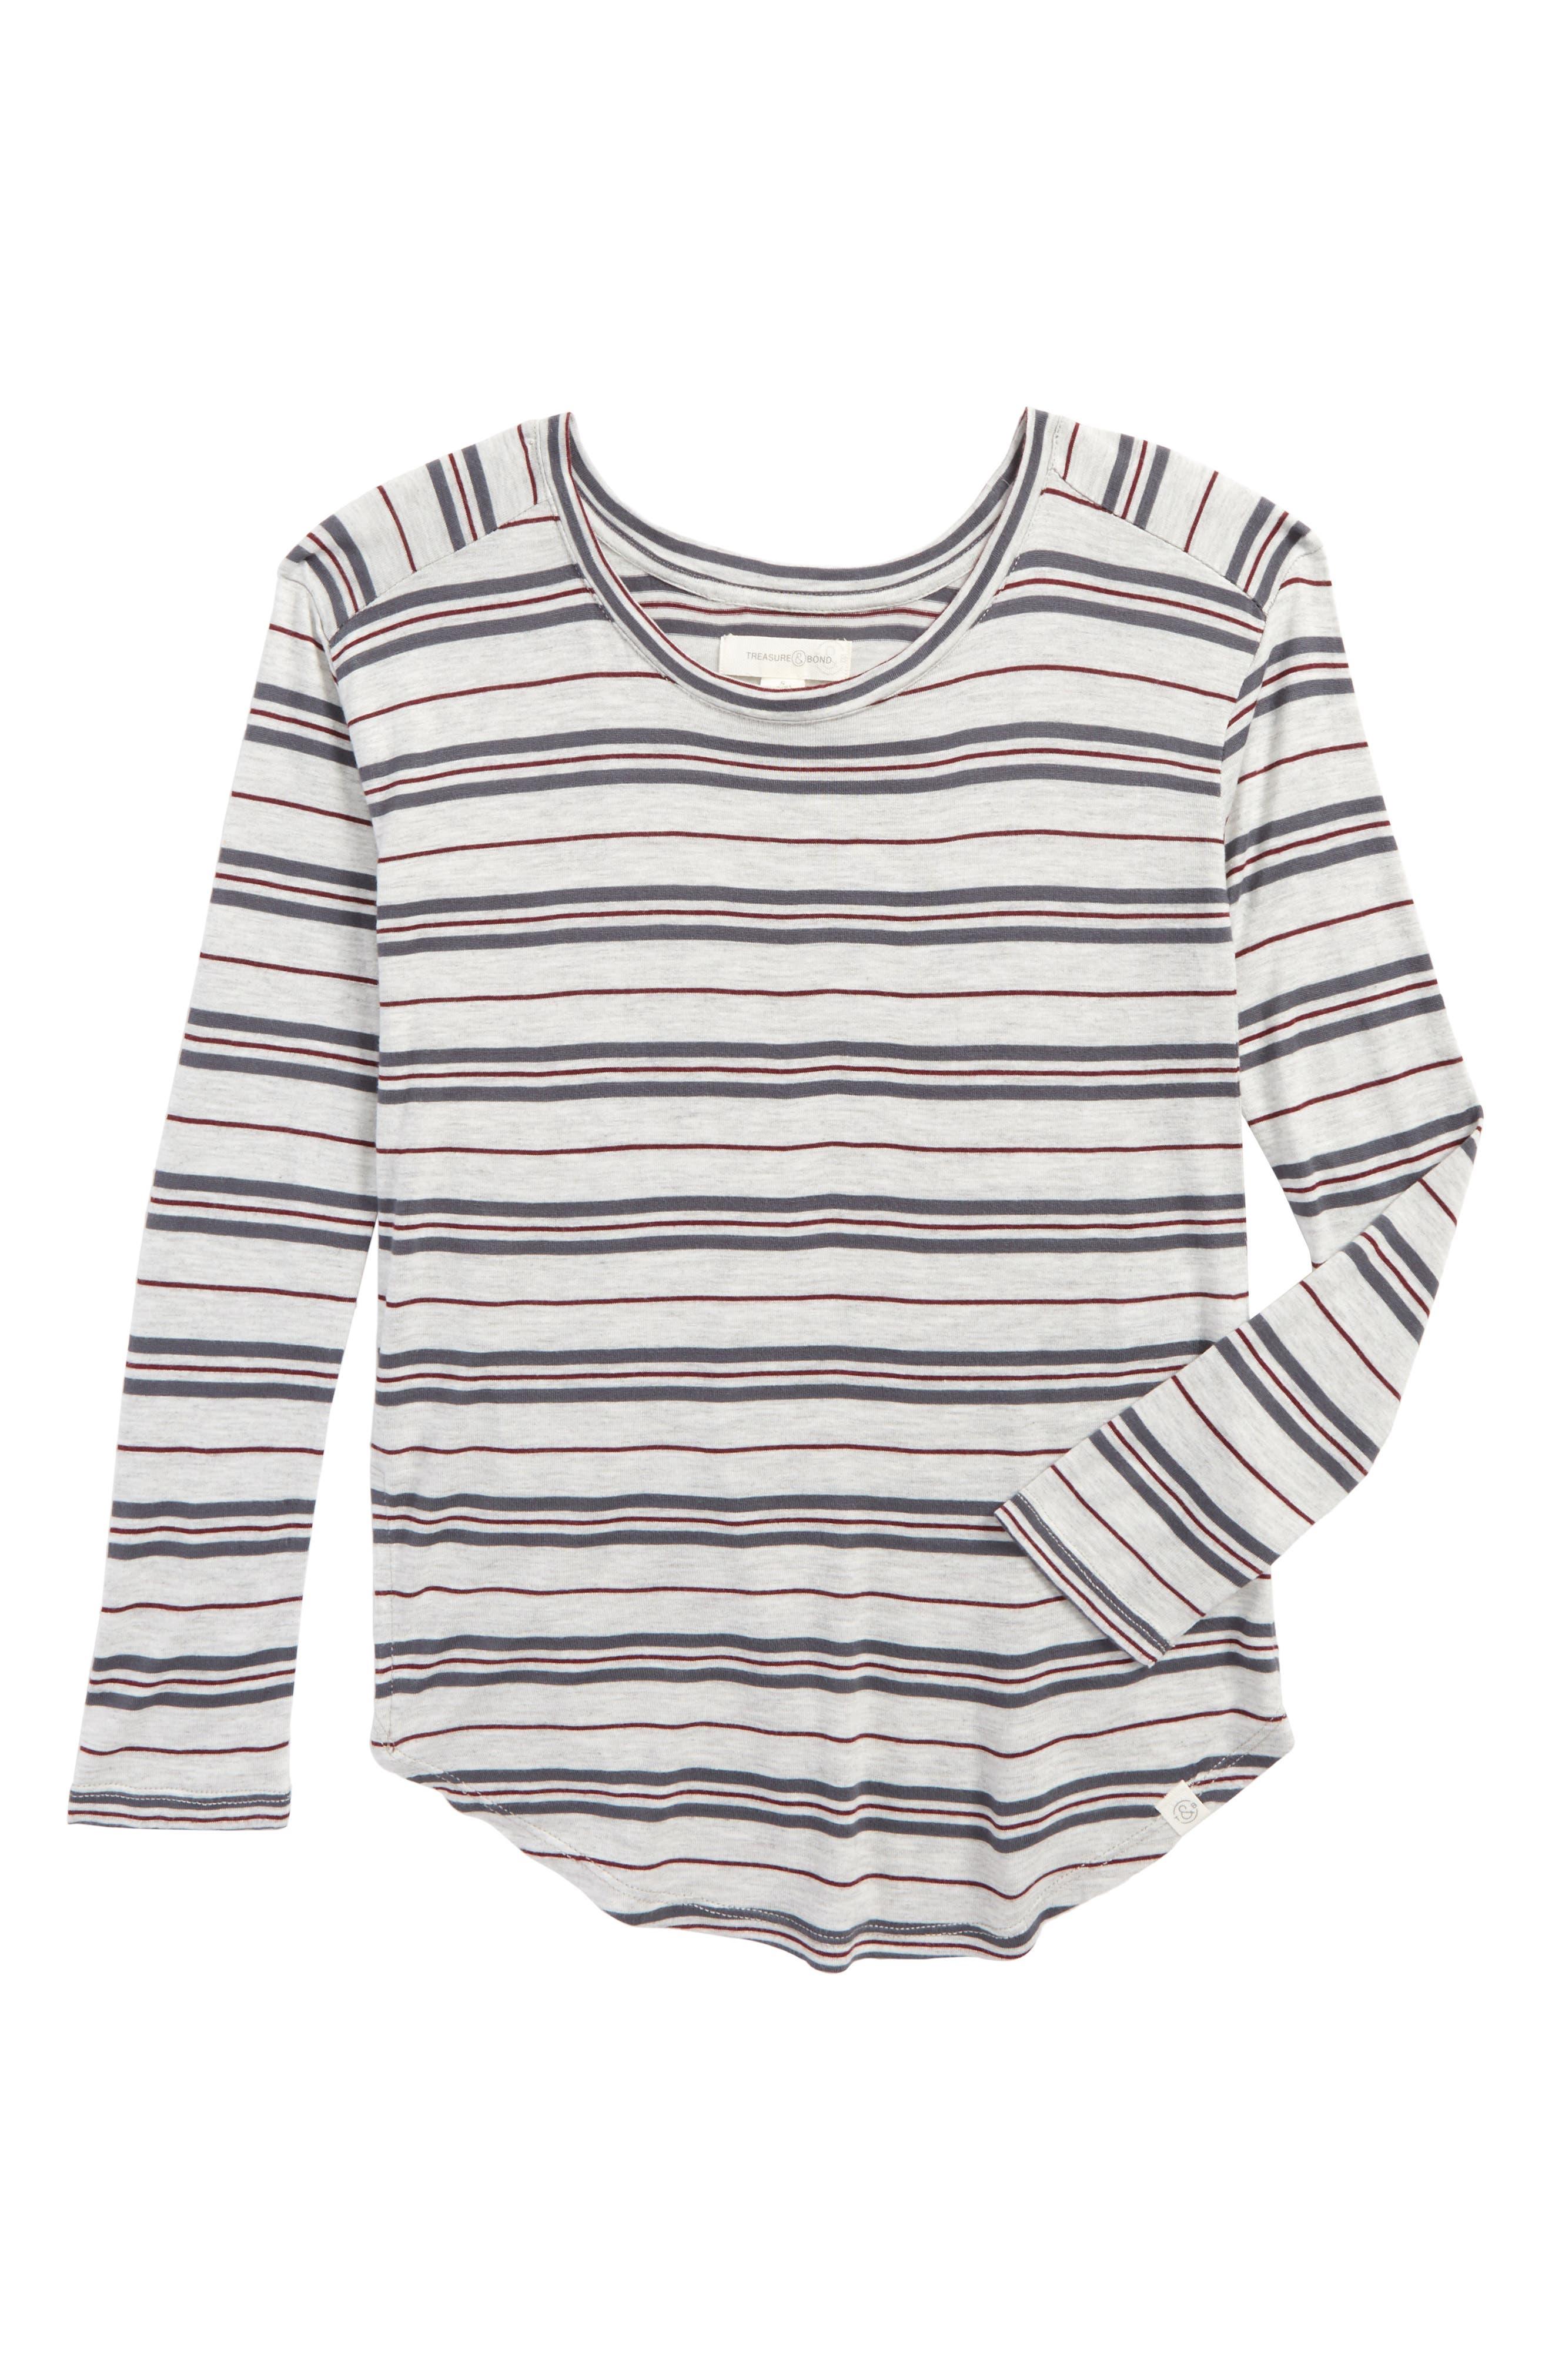 Multi Stripe Tee,                         Main,                         color, Grey Ash Heather Multi Stripe